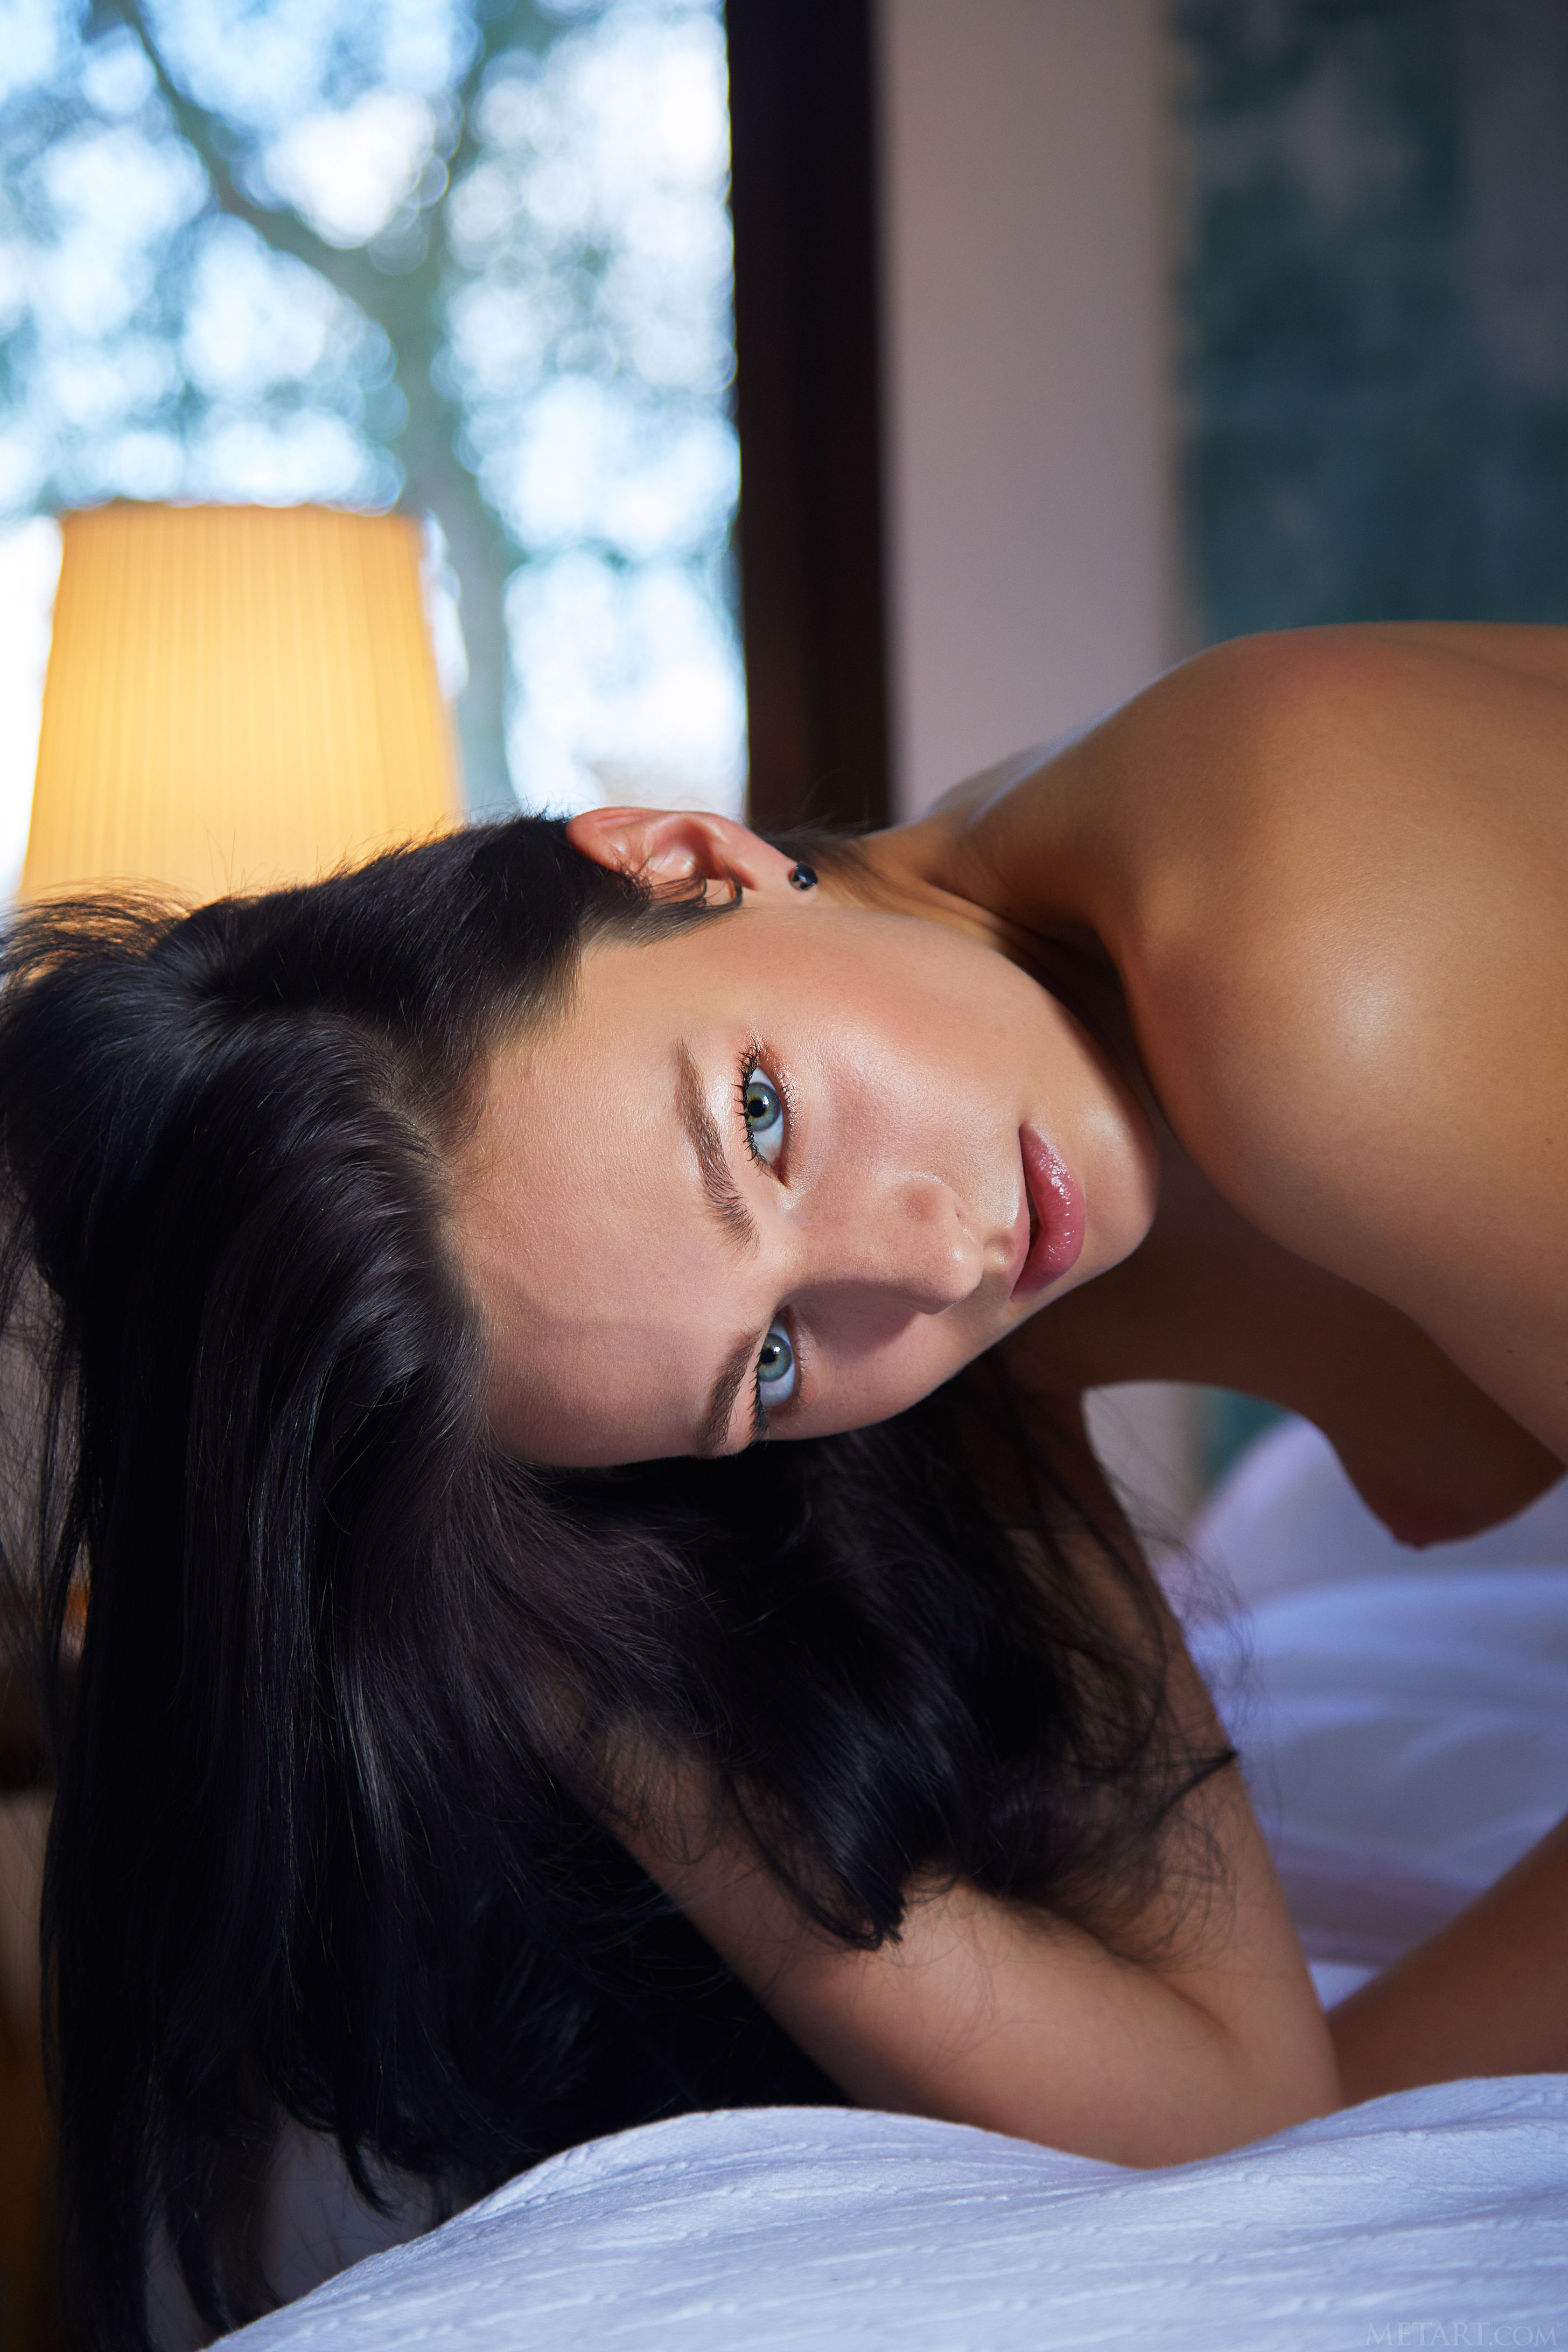 MetArt_Steely_Lee-Anne_high_0069.jpg